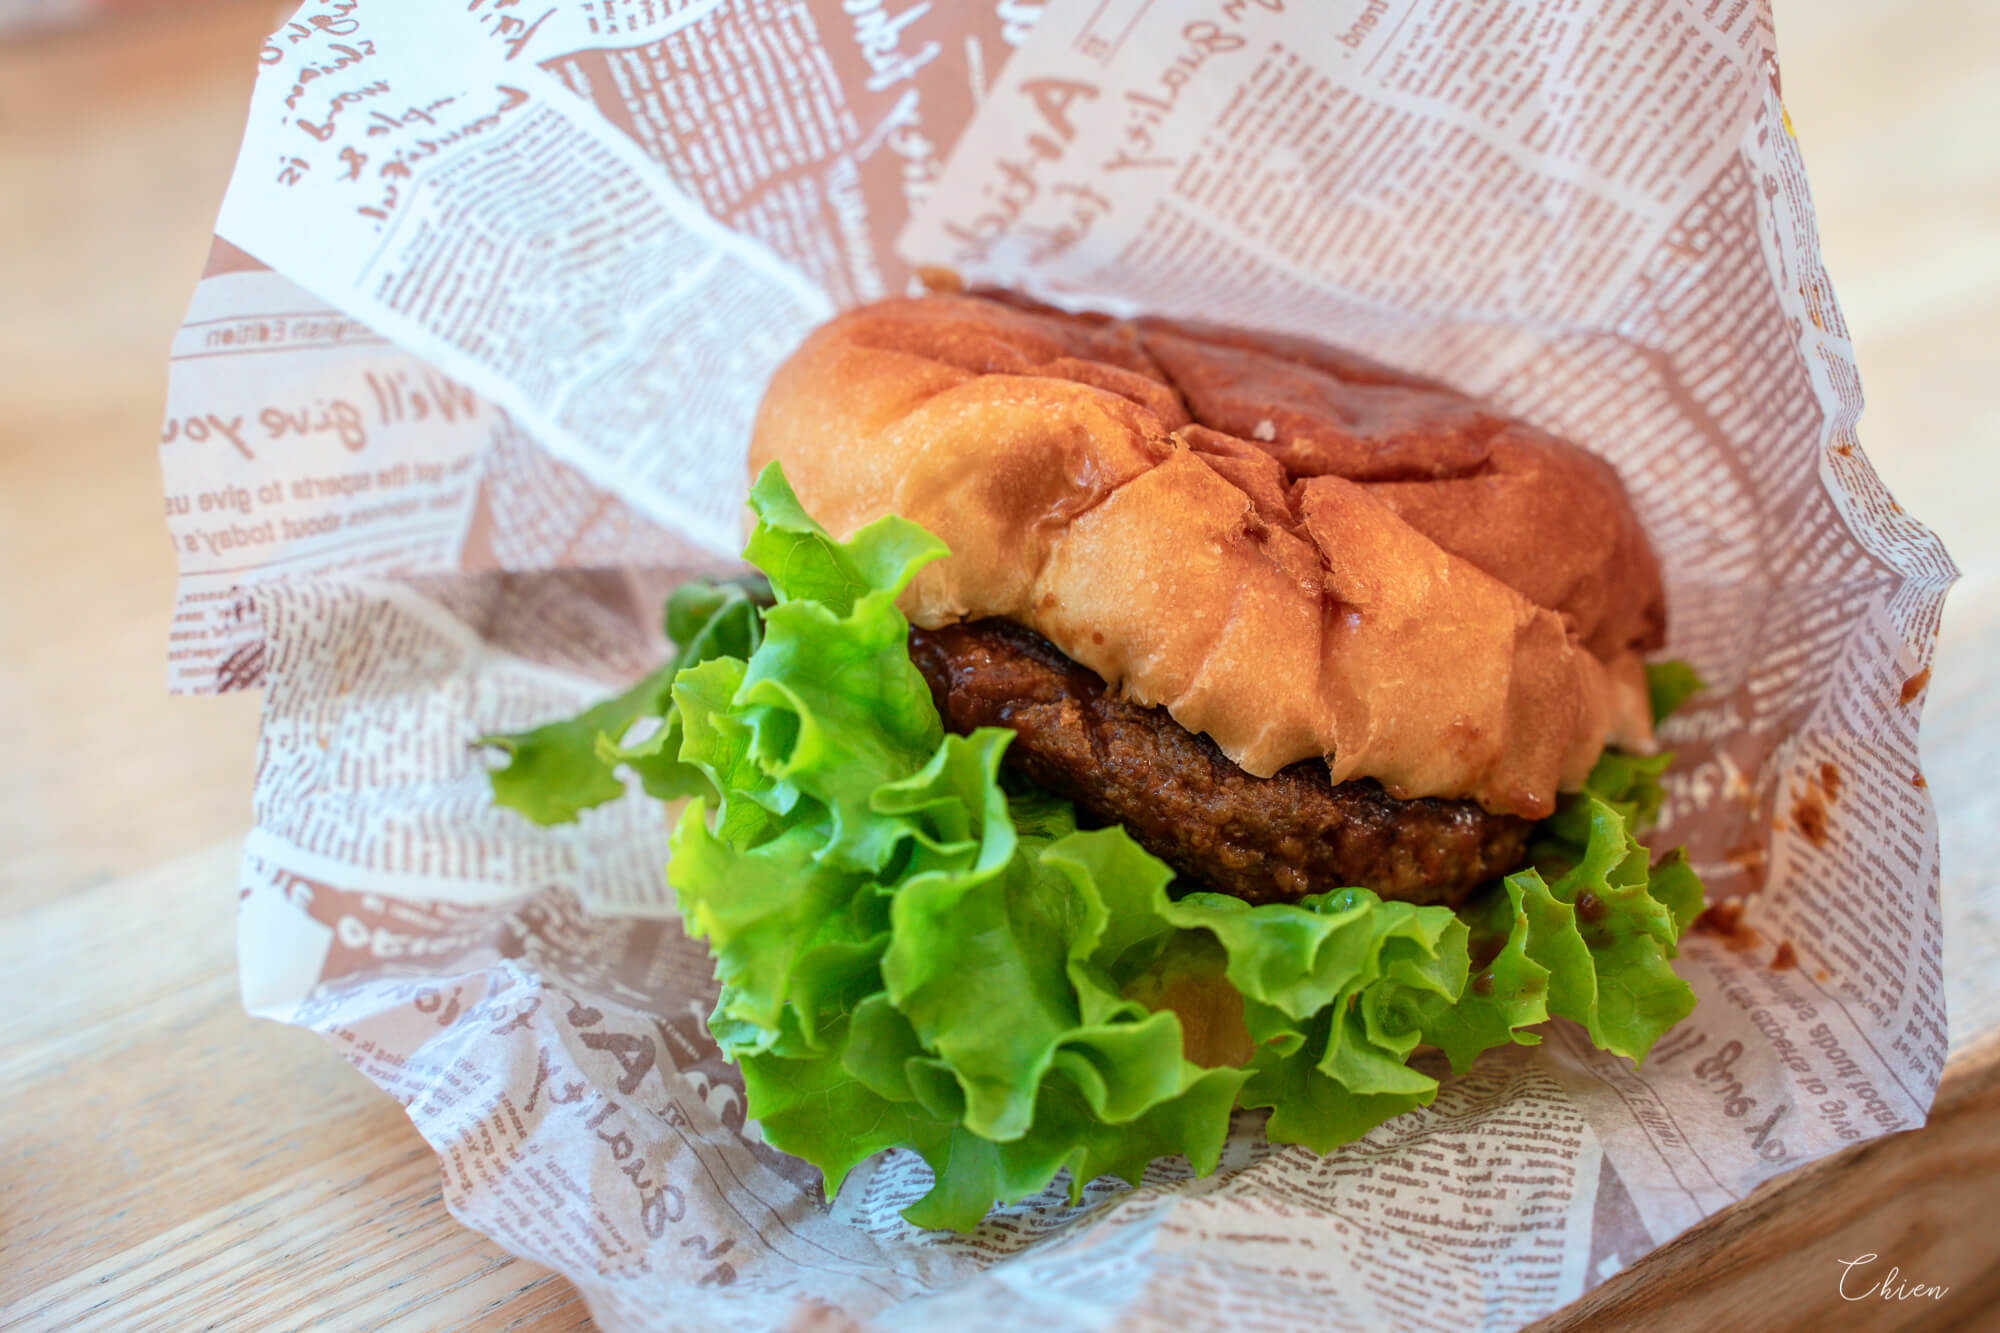 北海道道東 摩周溫泉道路休息站 漢堡輕食午餐